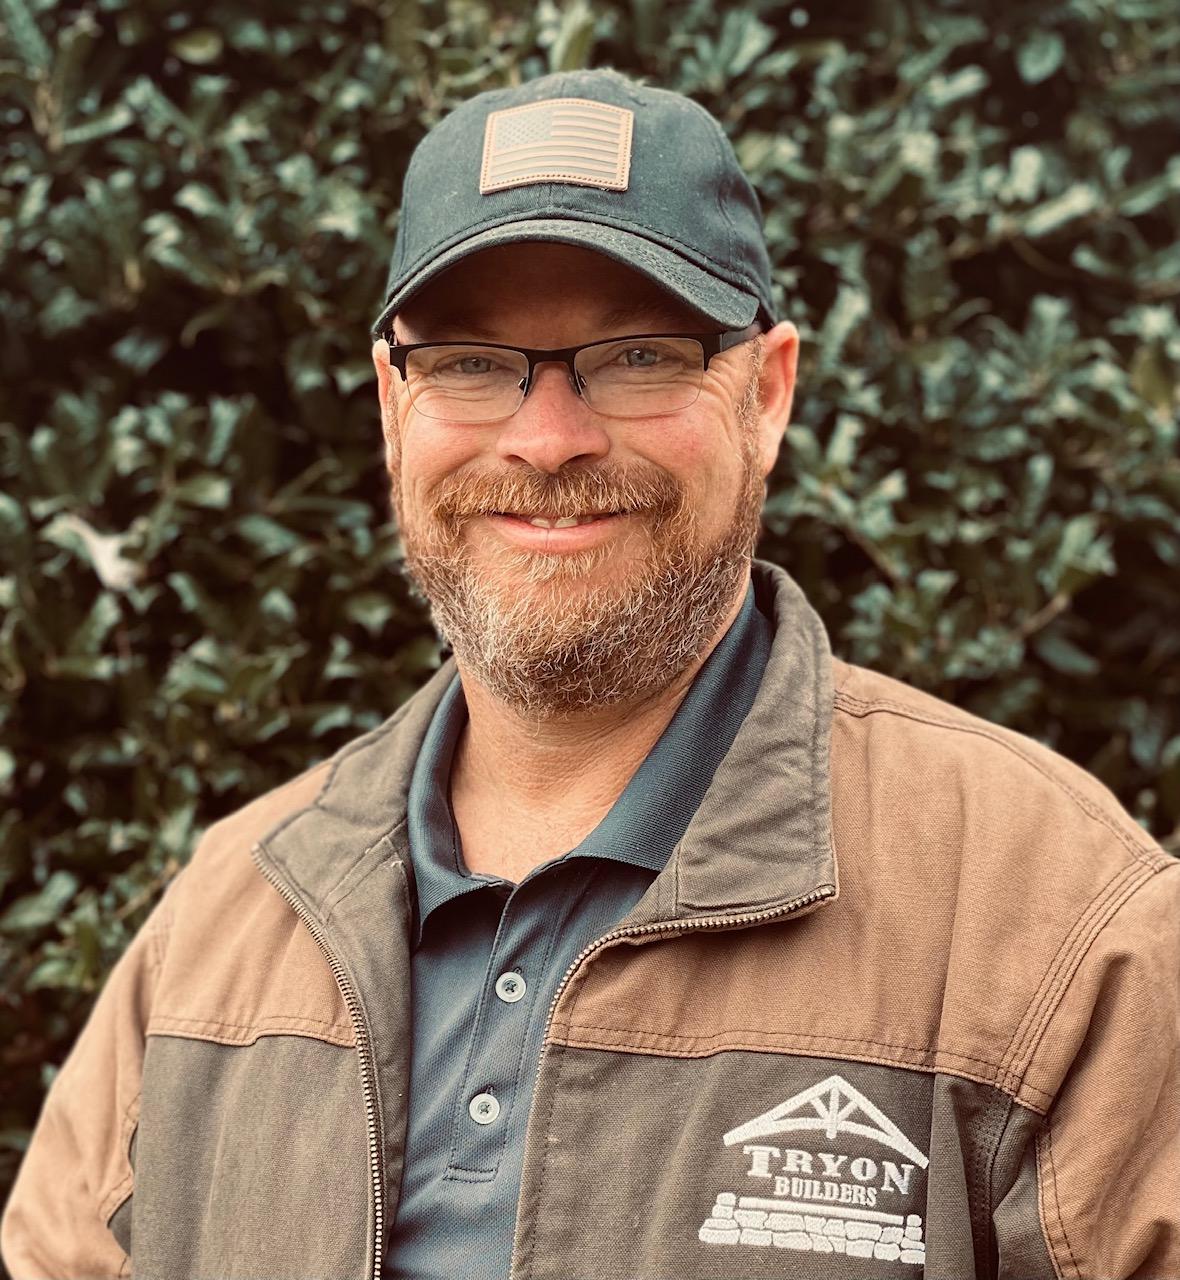 Phillip Swain